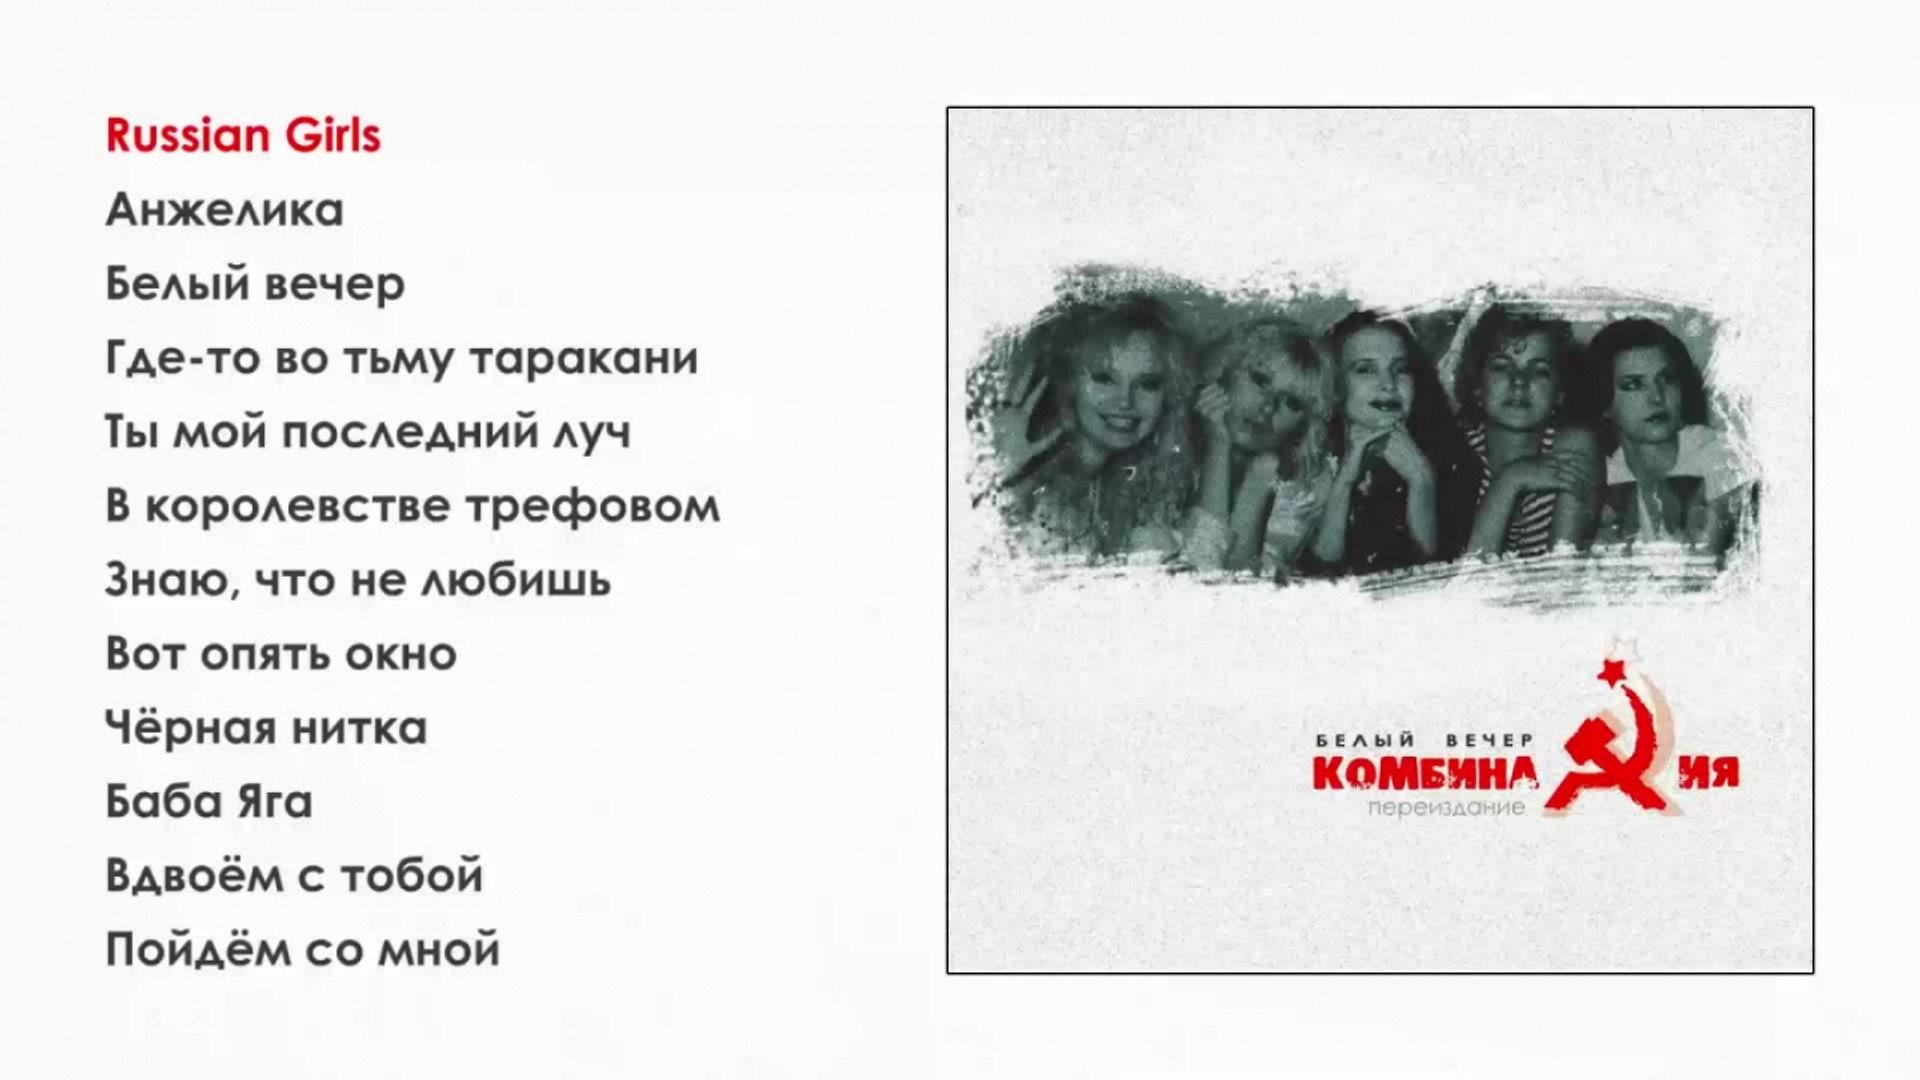 Комбинация - Белый вечер - official audio album